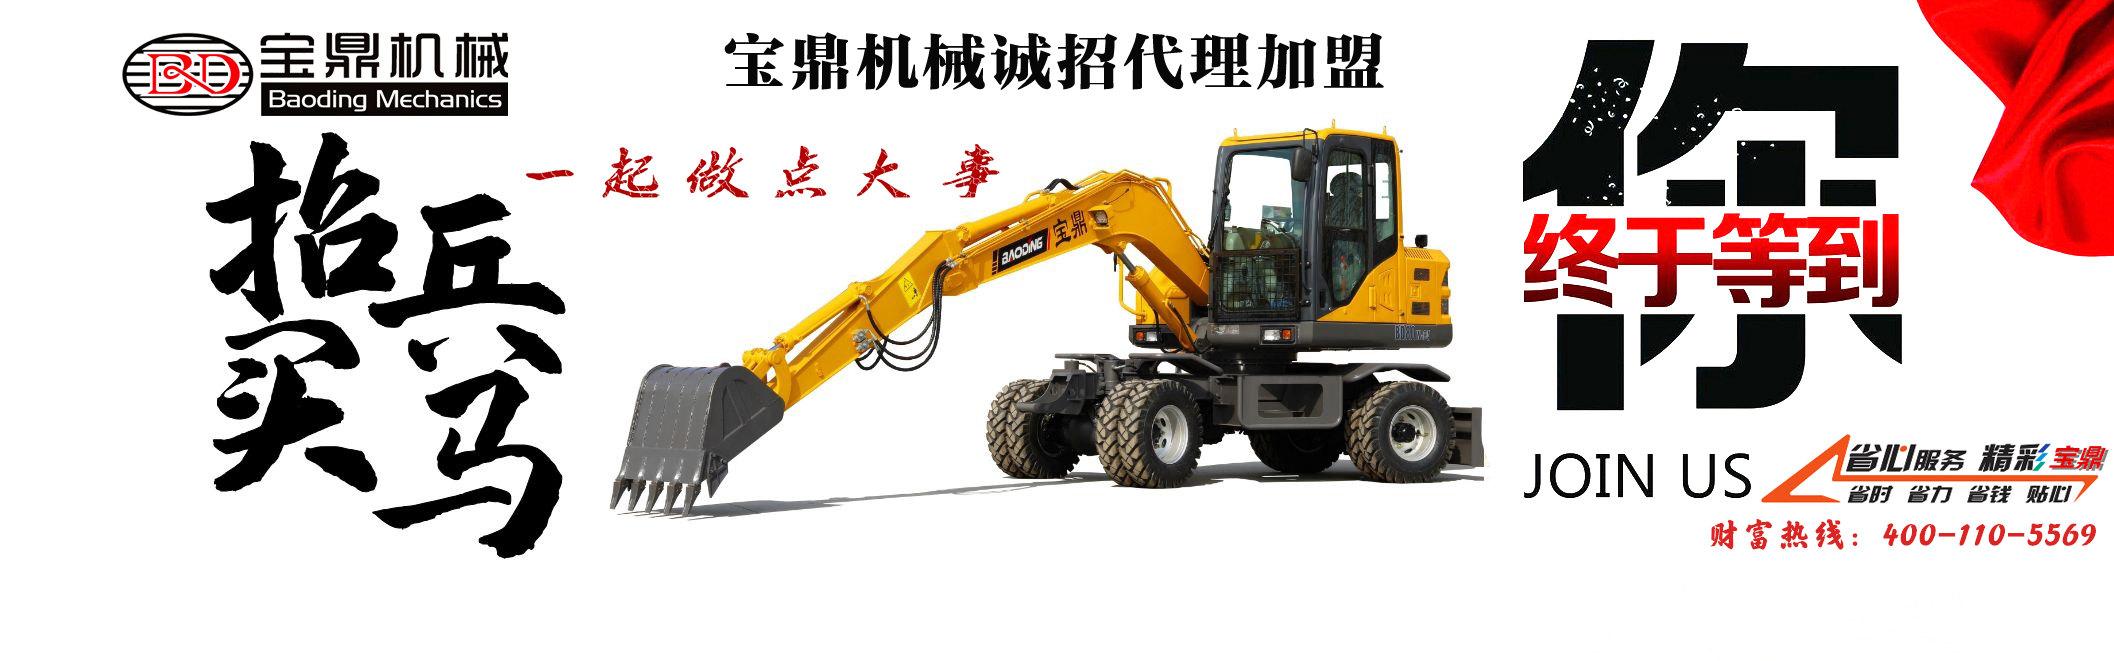 宝鼎轮式挖掘机抓木机厂家招商